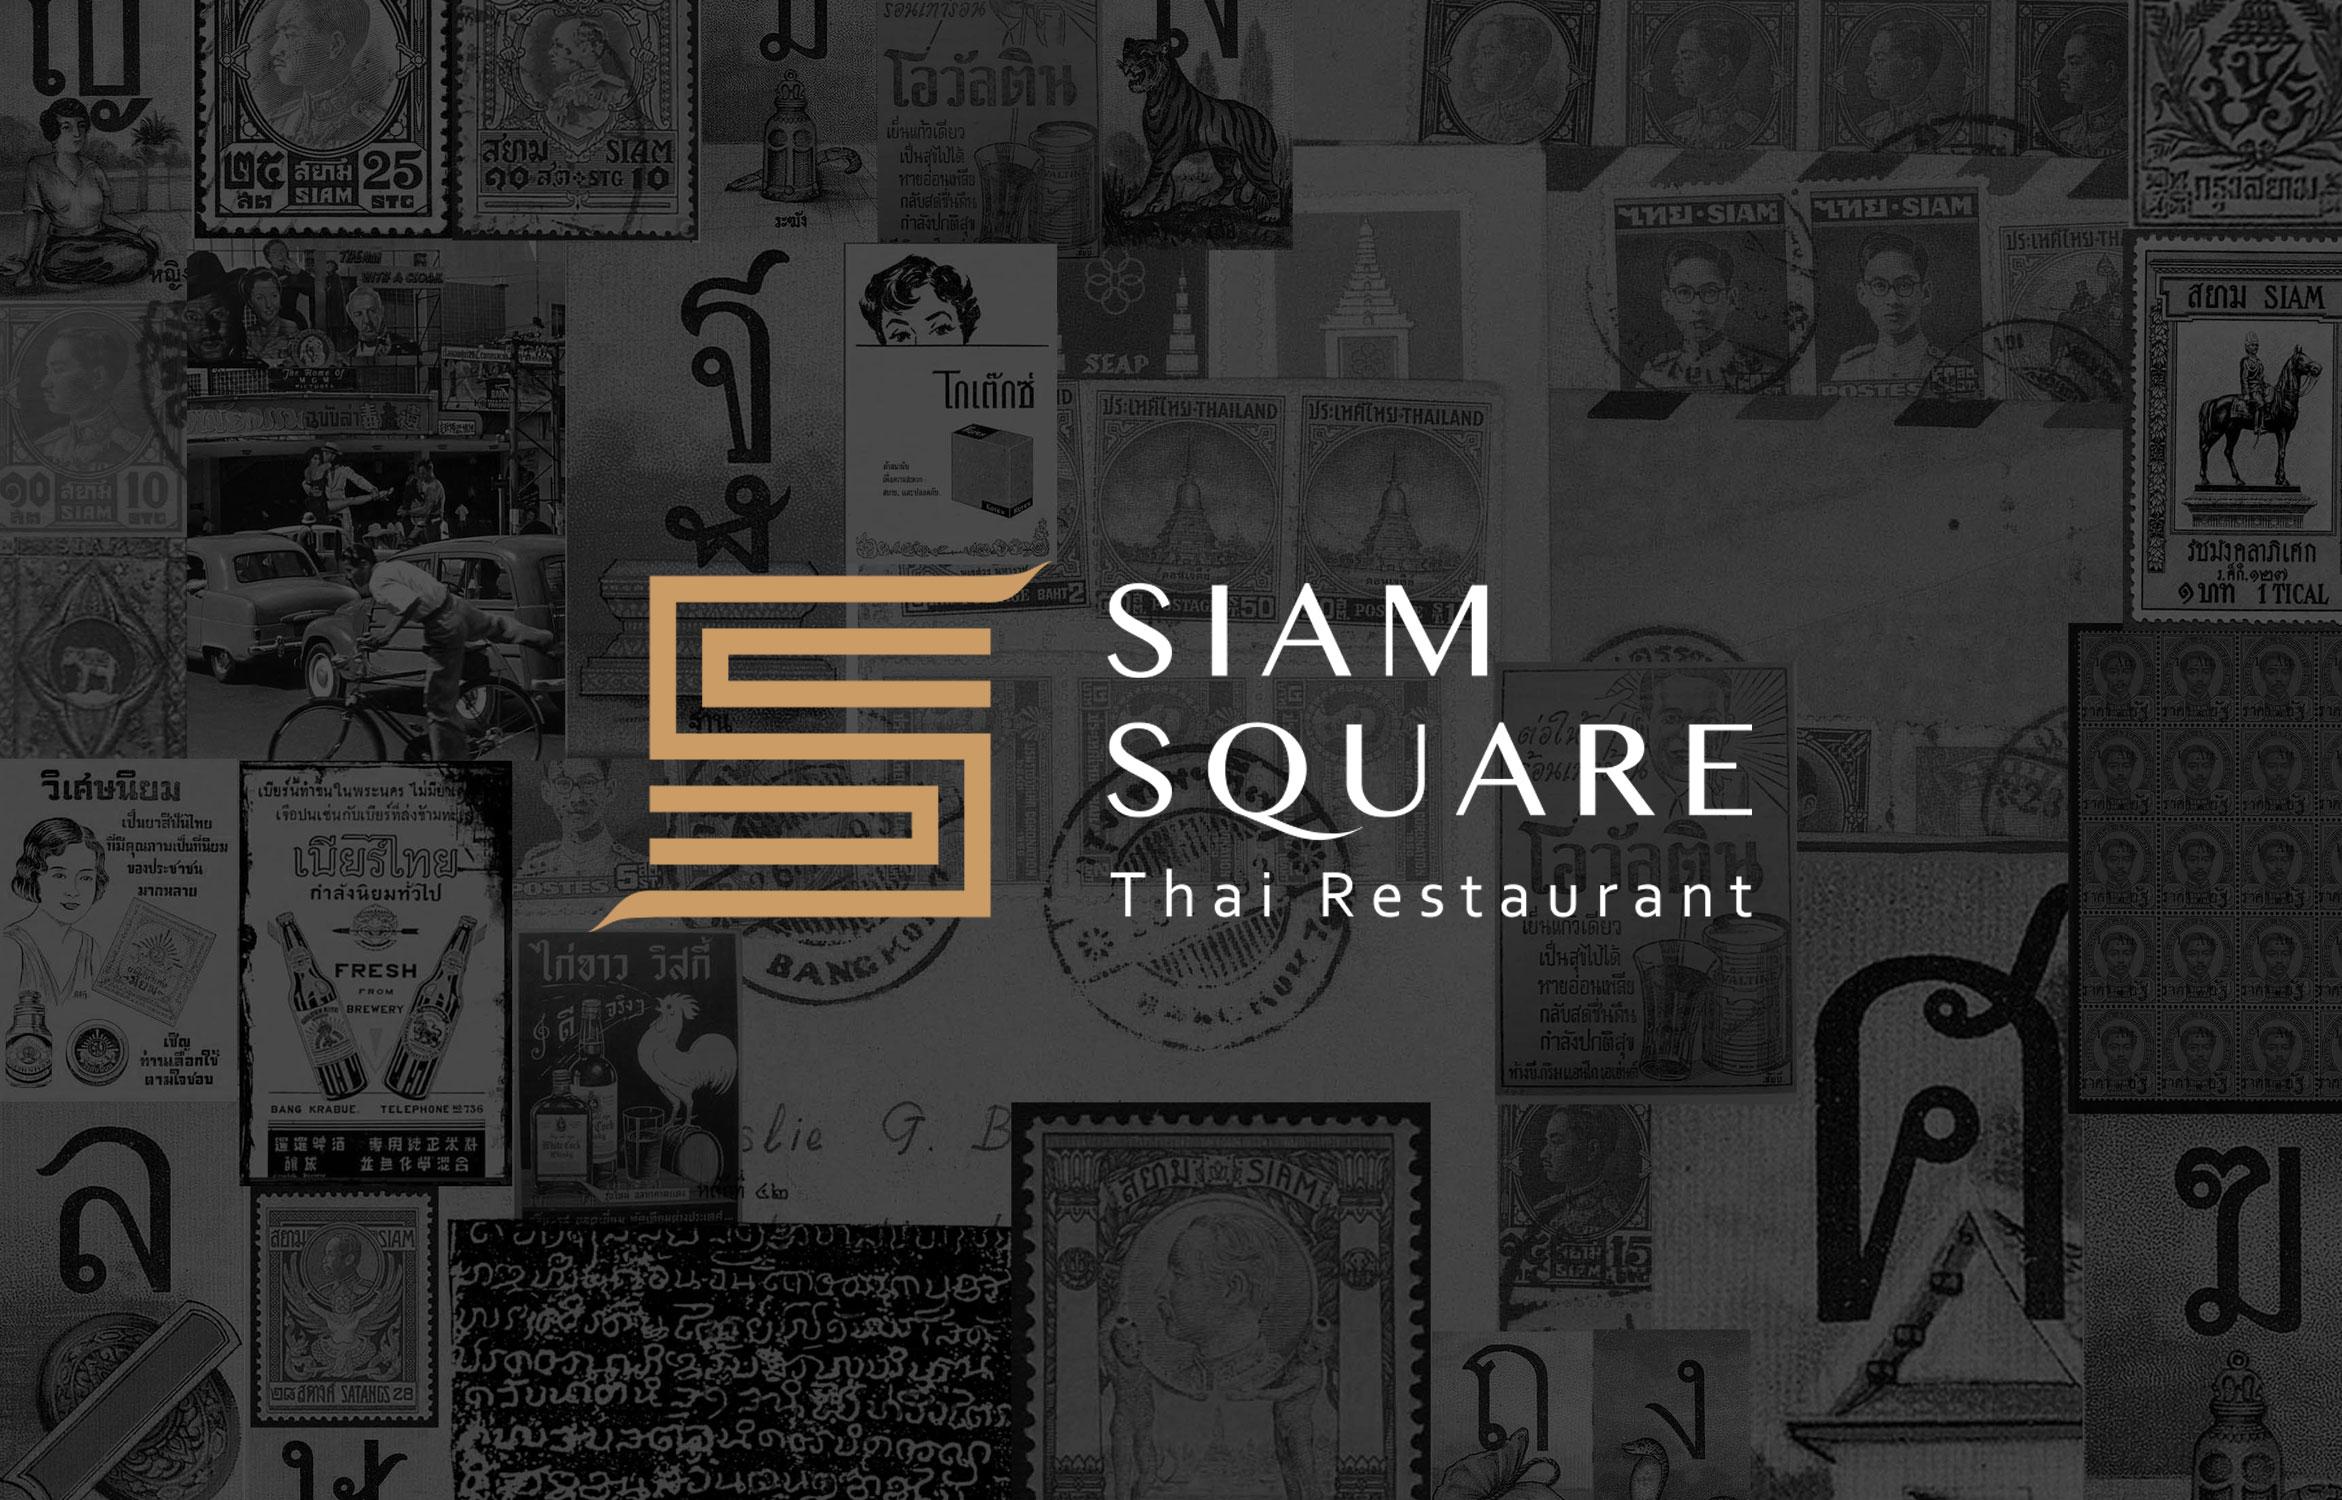 Siam-Square-logo-cover-1